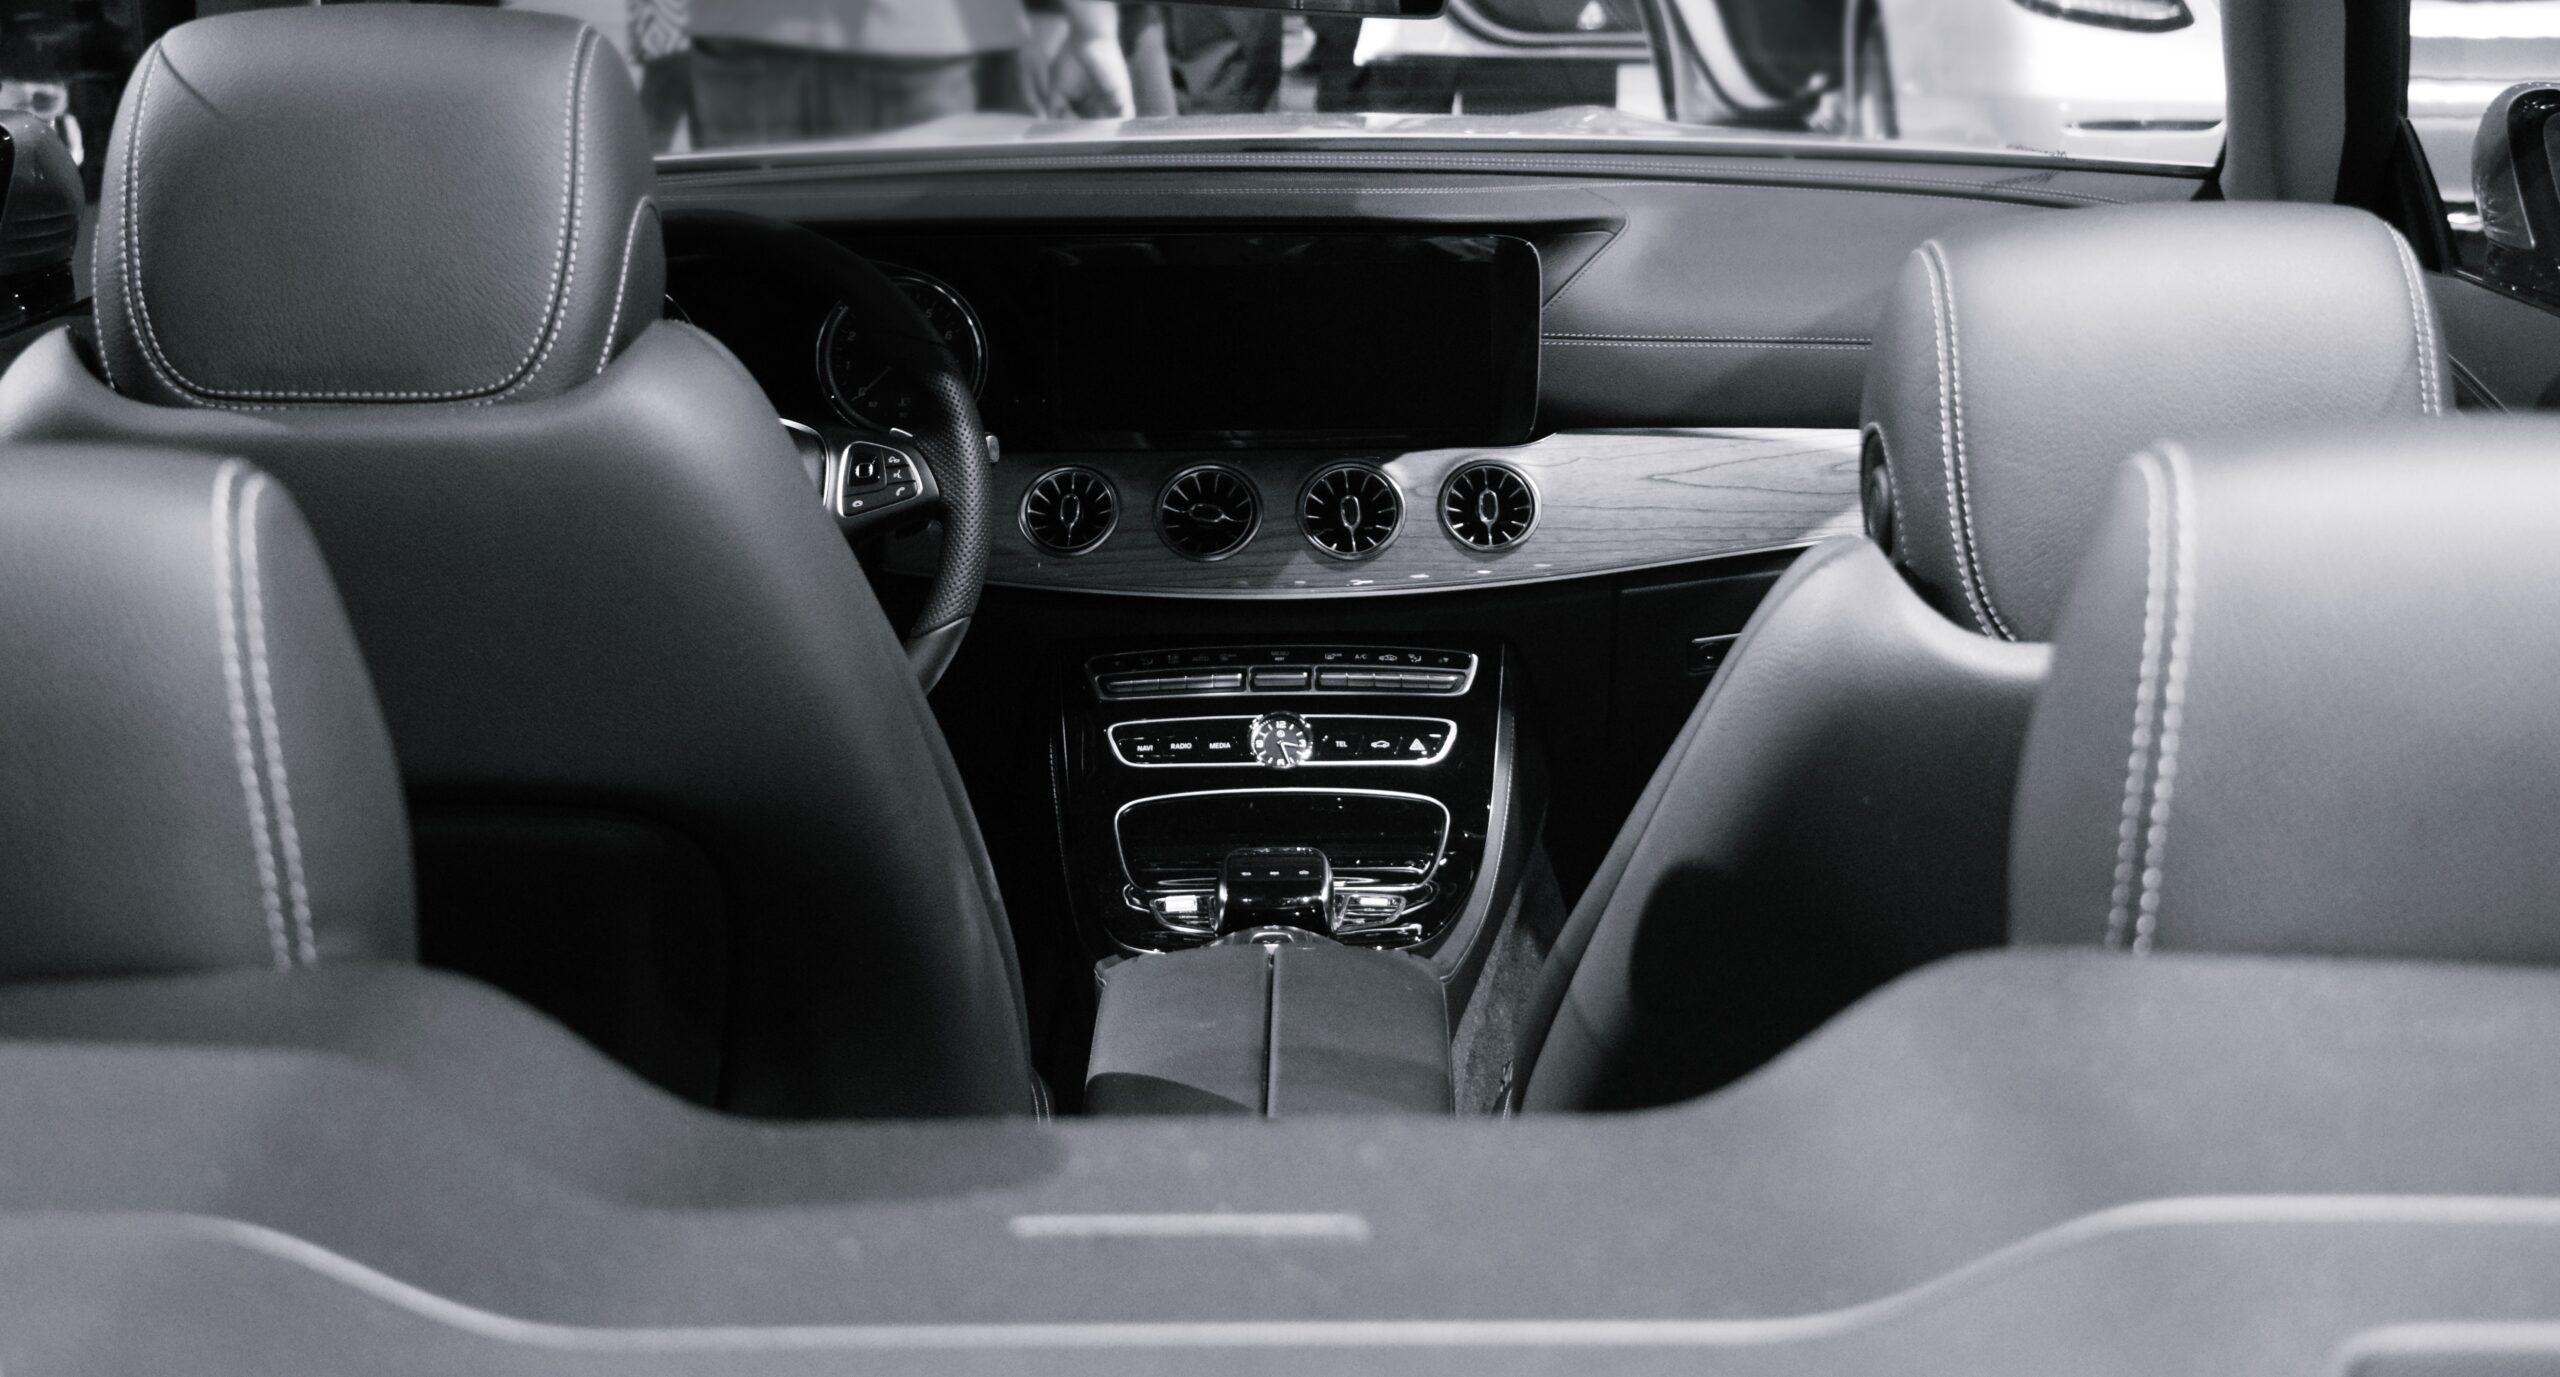 Interior de veículo com bancos de couro. Imagem ilustrativa texto como limpar banco de couro.